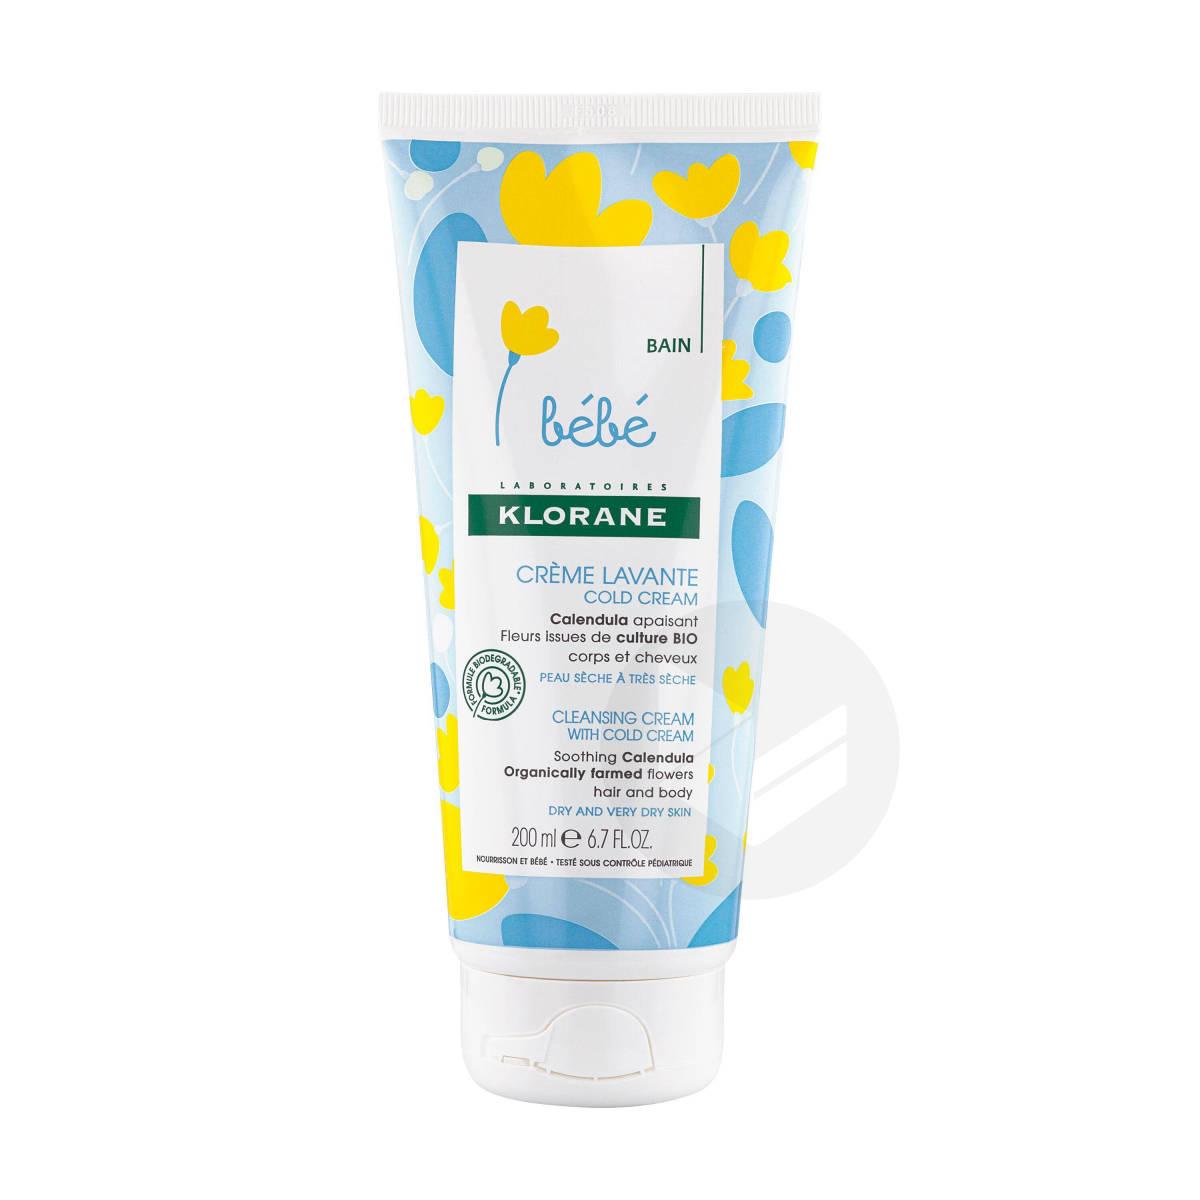 Crème lavanteCold Cream au Calendula Corps et cheveux 200ml